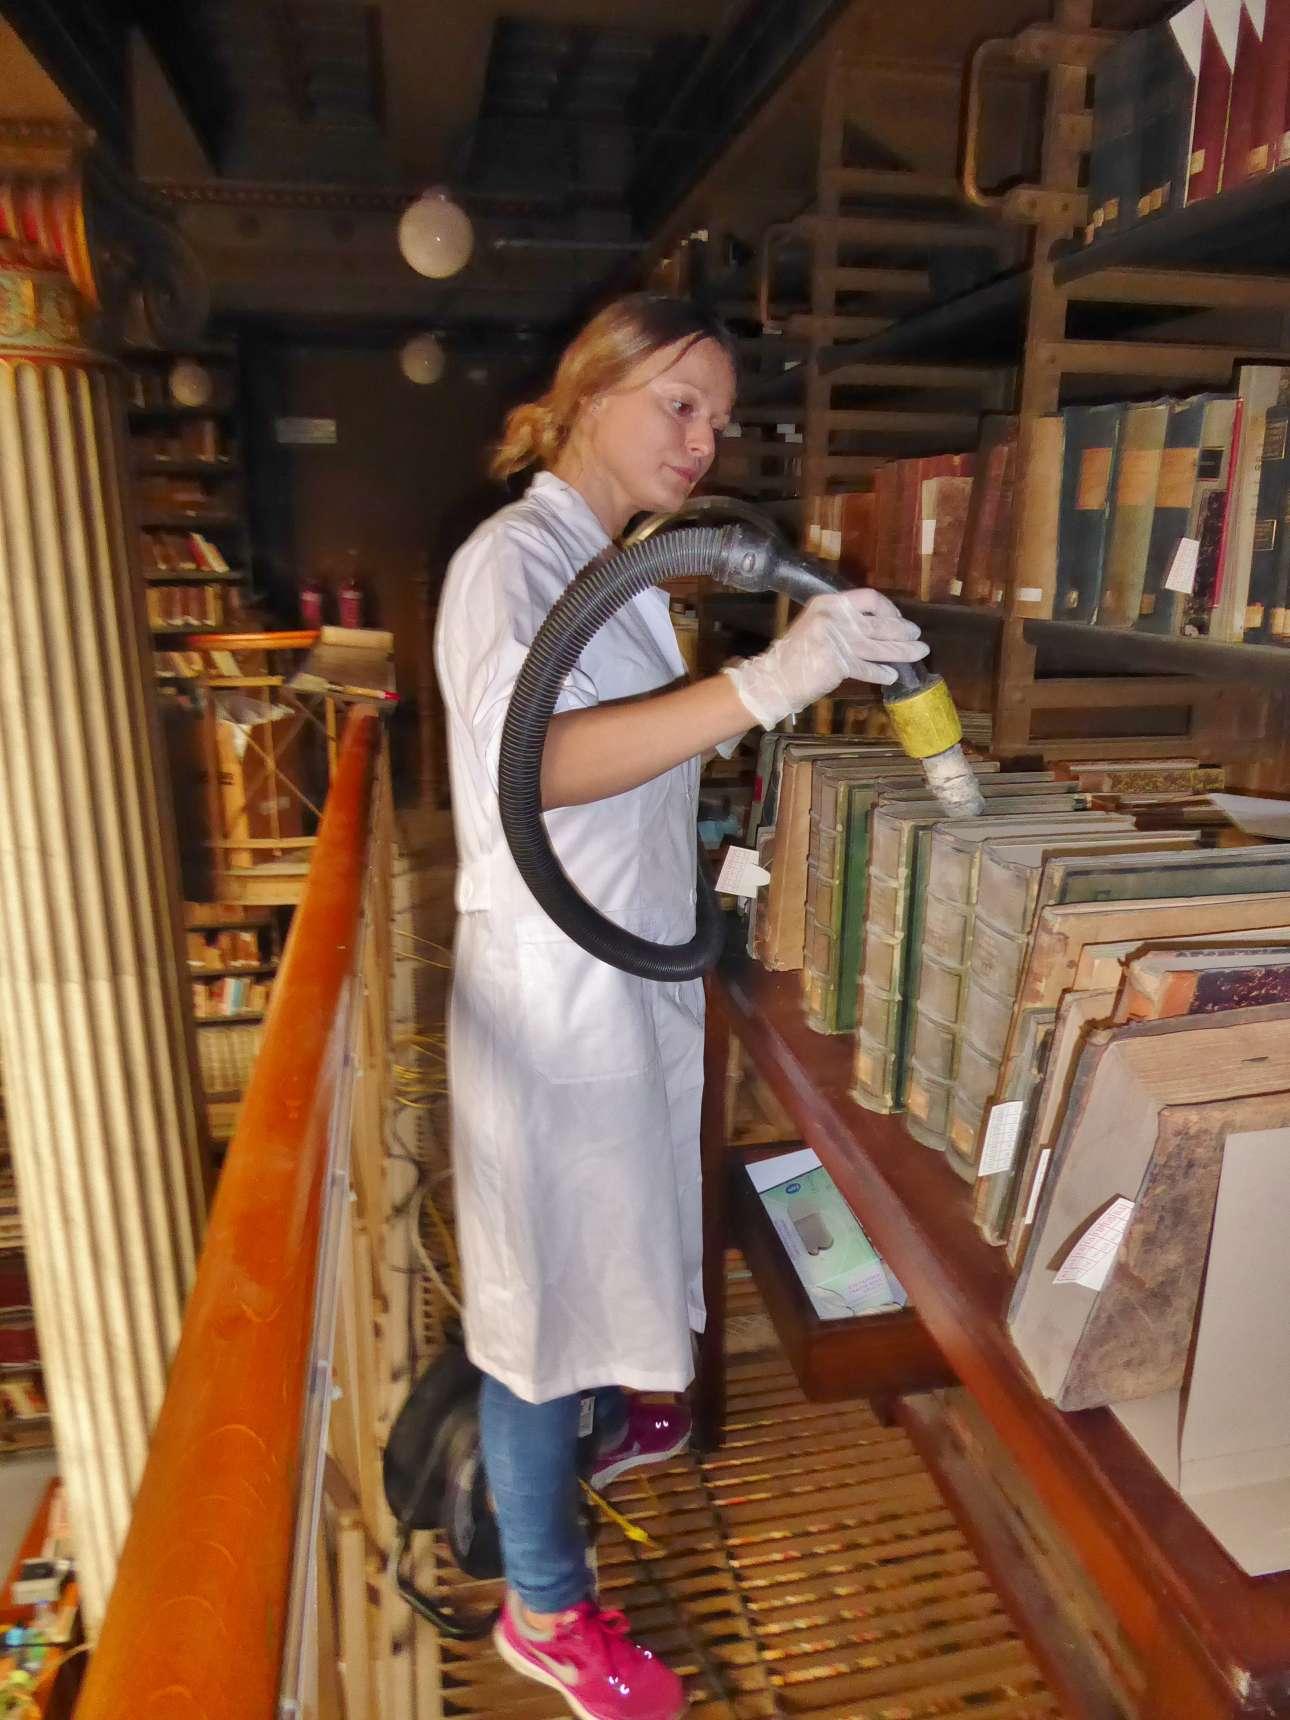 Καθαρισμός βιβλίων με τα κατάλληλα εξαρτήματα